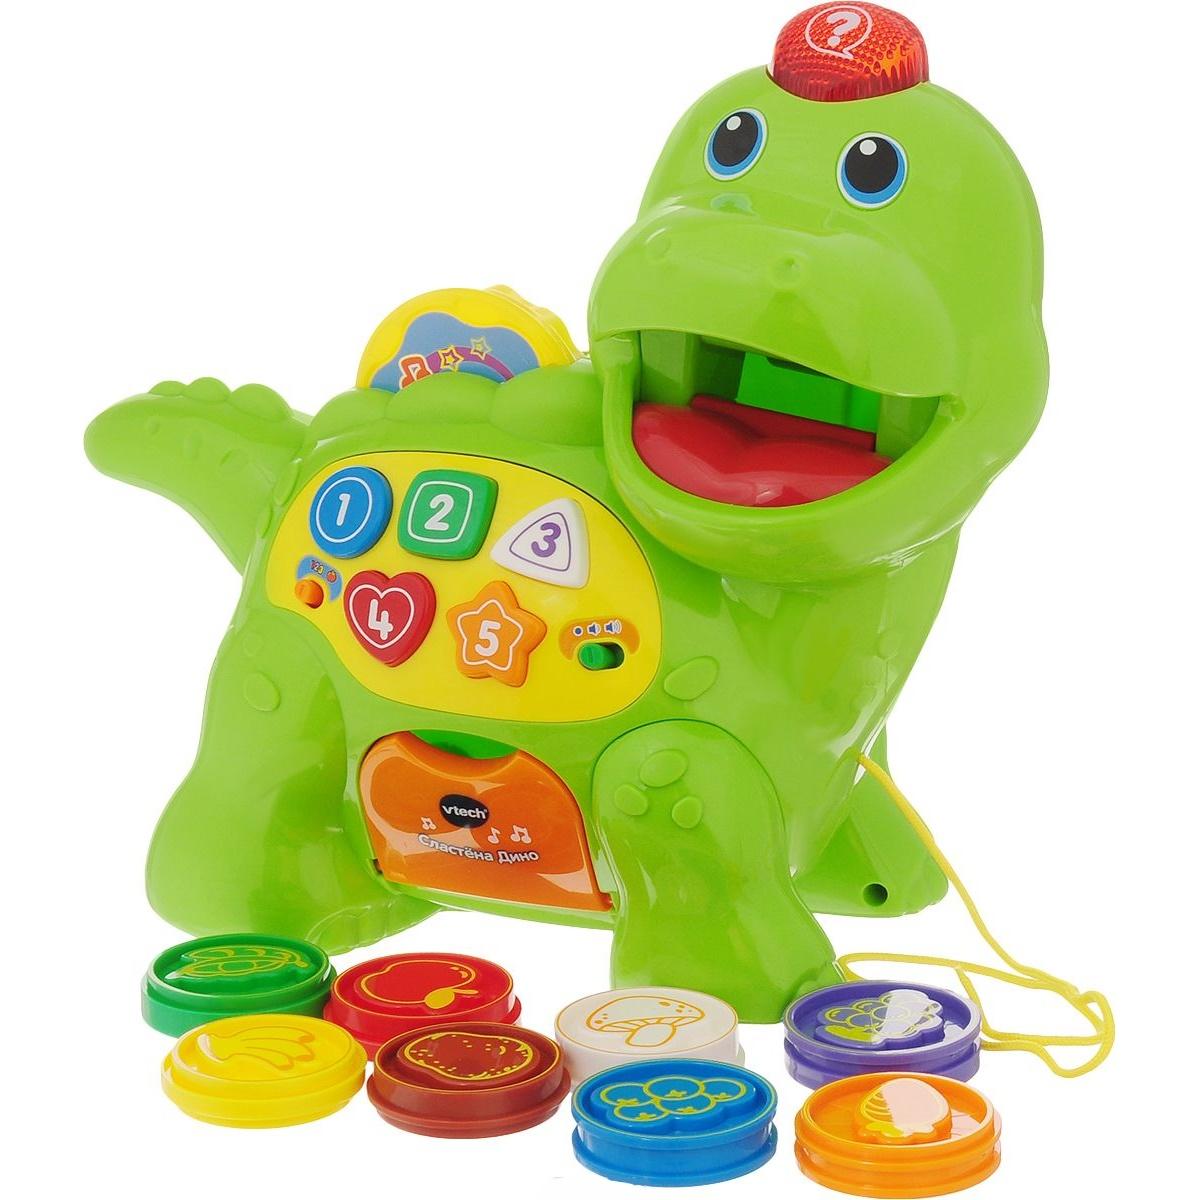 Купить Развивающая игрушка – Сластена Дино, свет и звук, Vtech